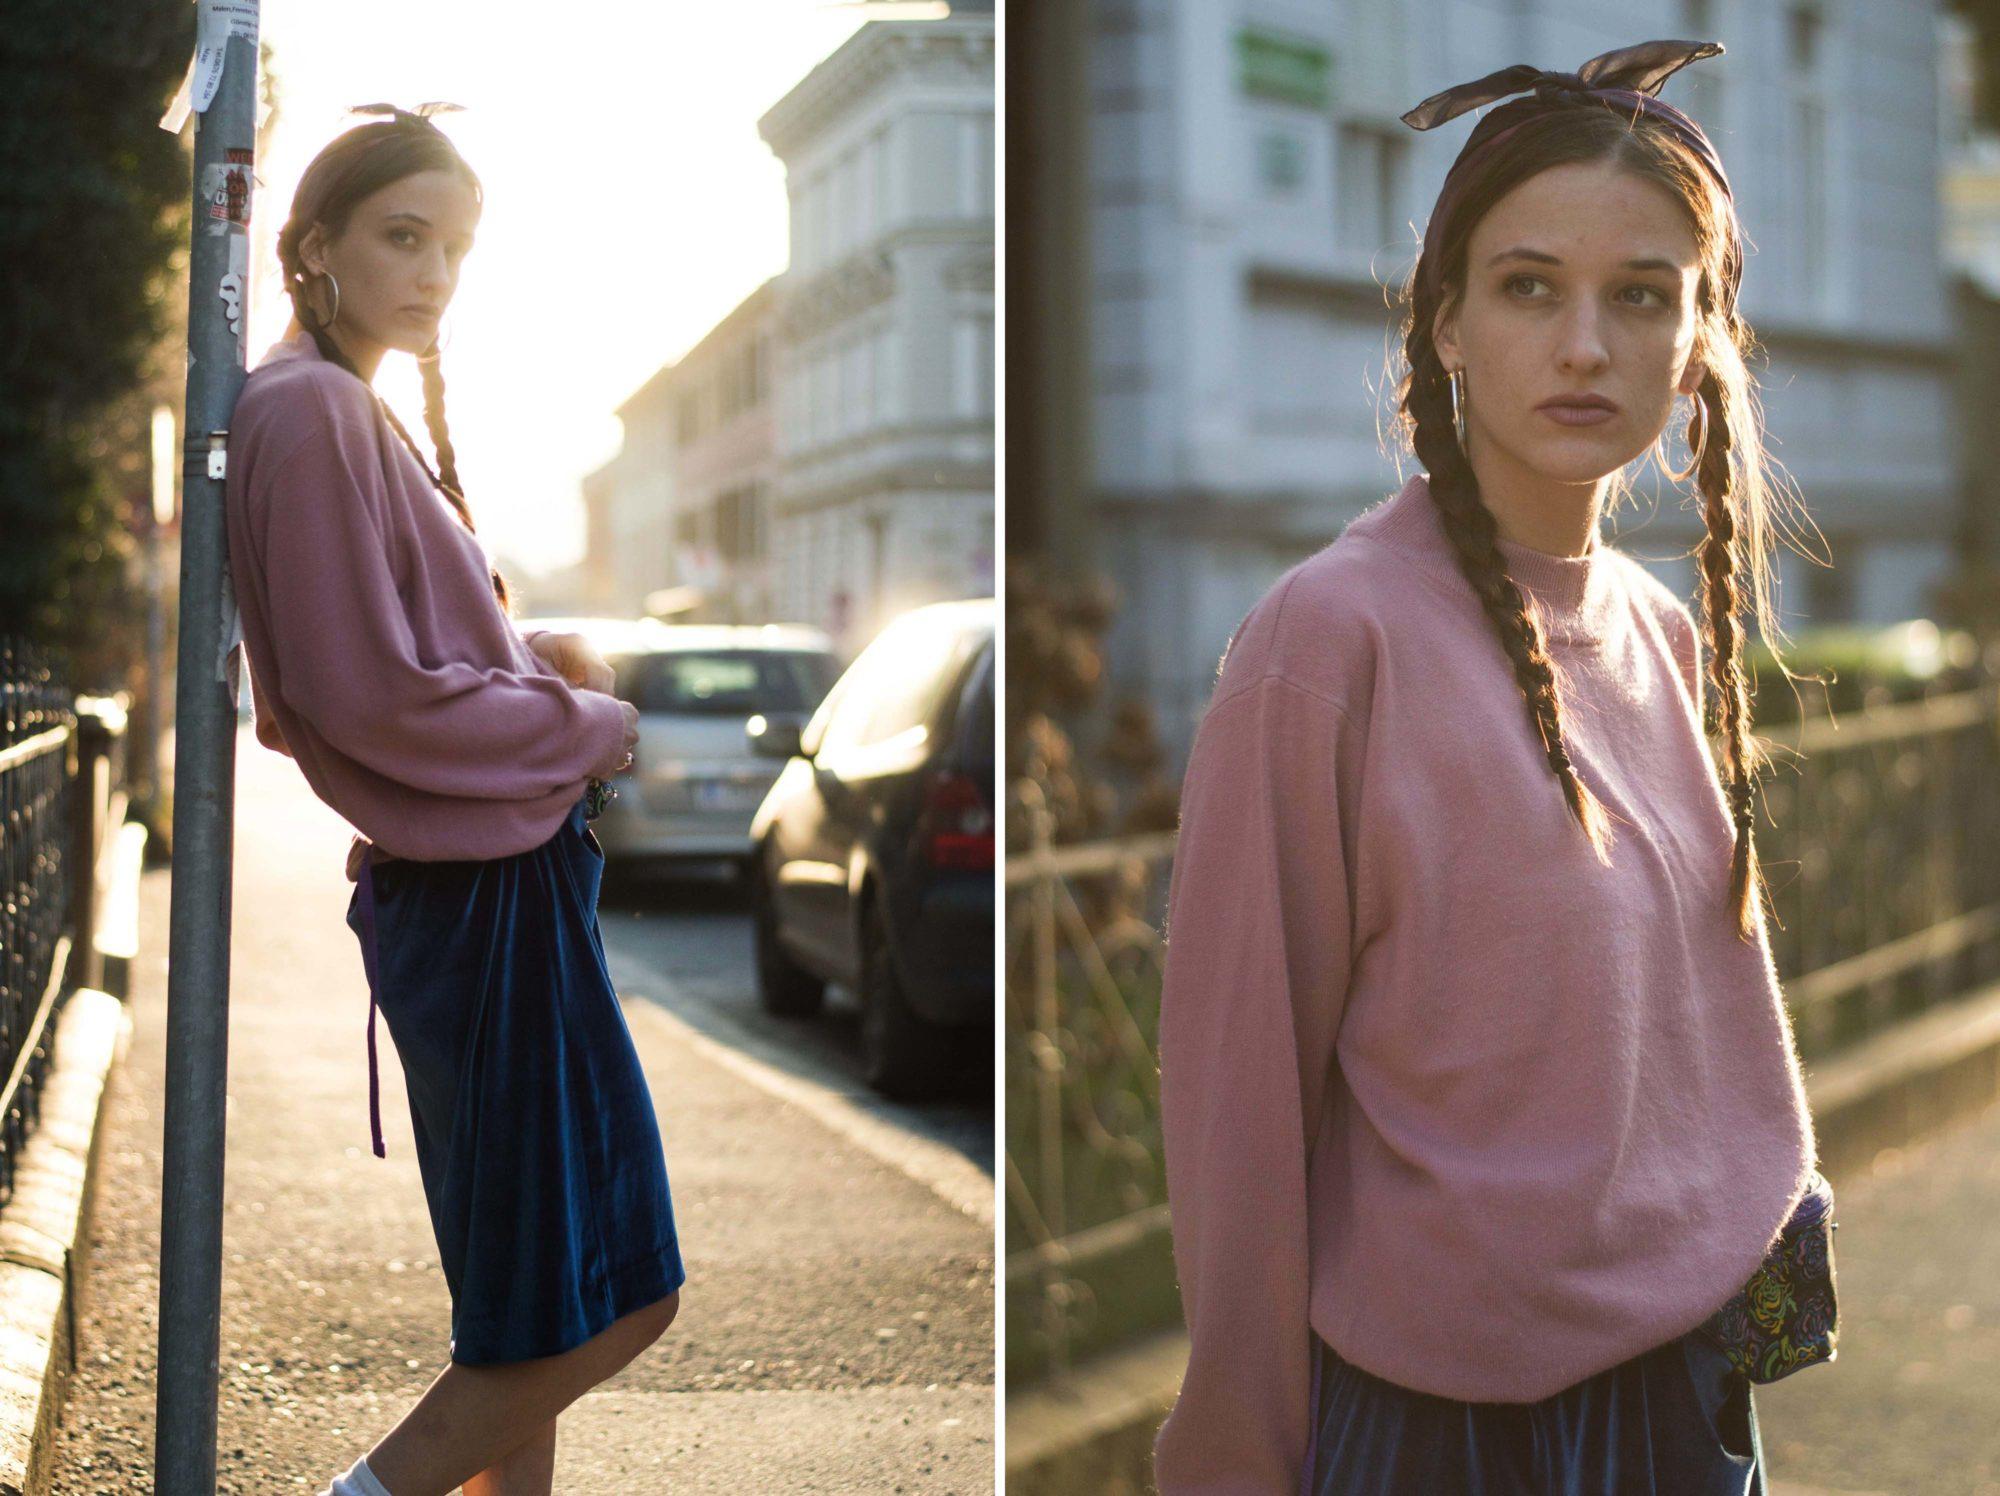 Dokumentation Modeindustrie Film Kambodscha The True Cost Gift auf unserer Haut Sweatshop Vintage Graz Österreich Steiermark